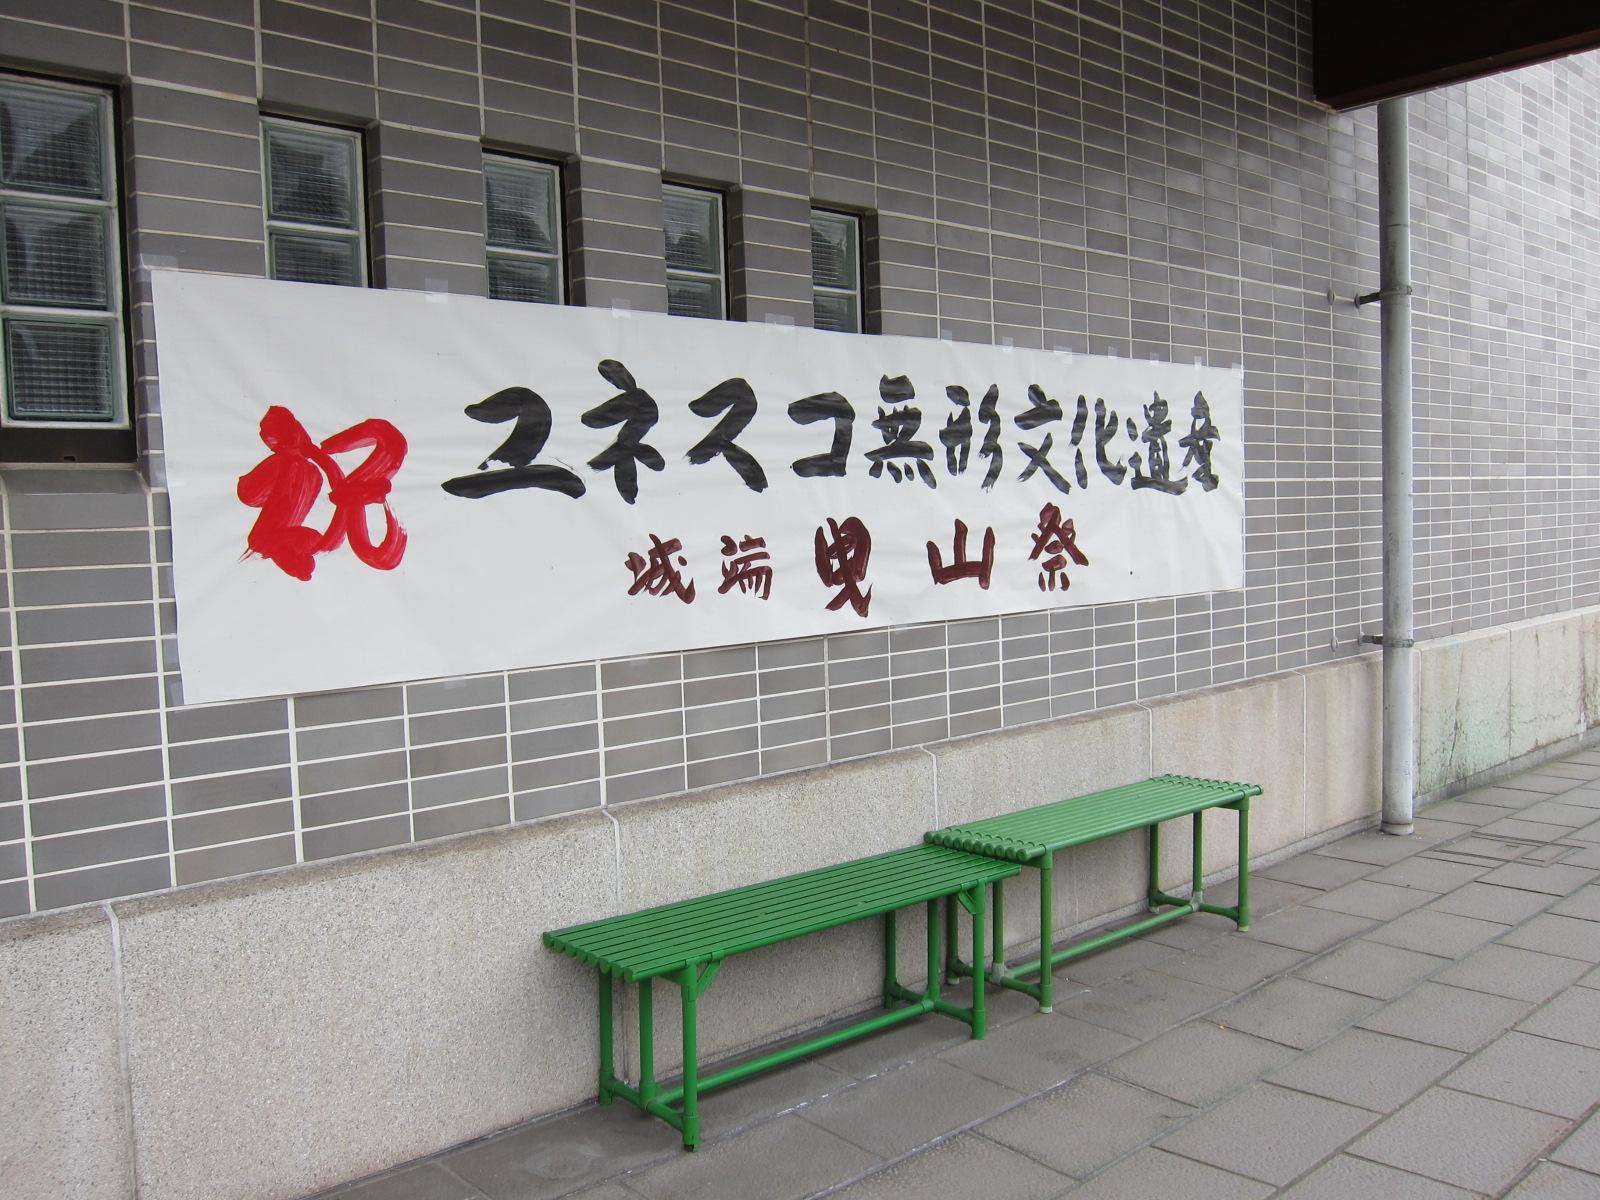 〈富山旅リポート3〉富山のお祭りも登録に 祝★ユネスコ無形文化遺産